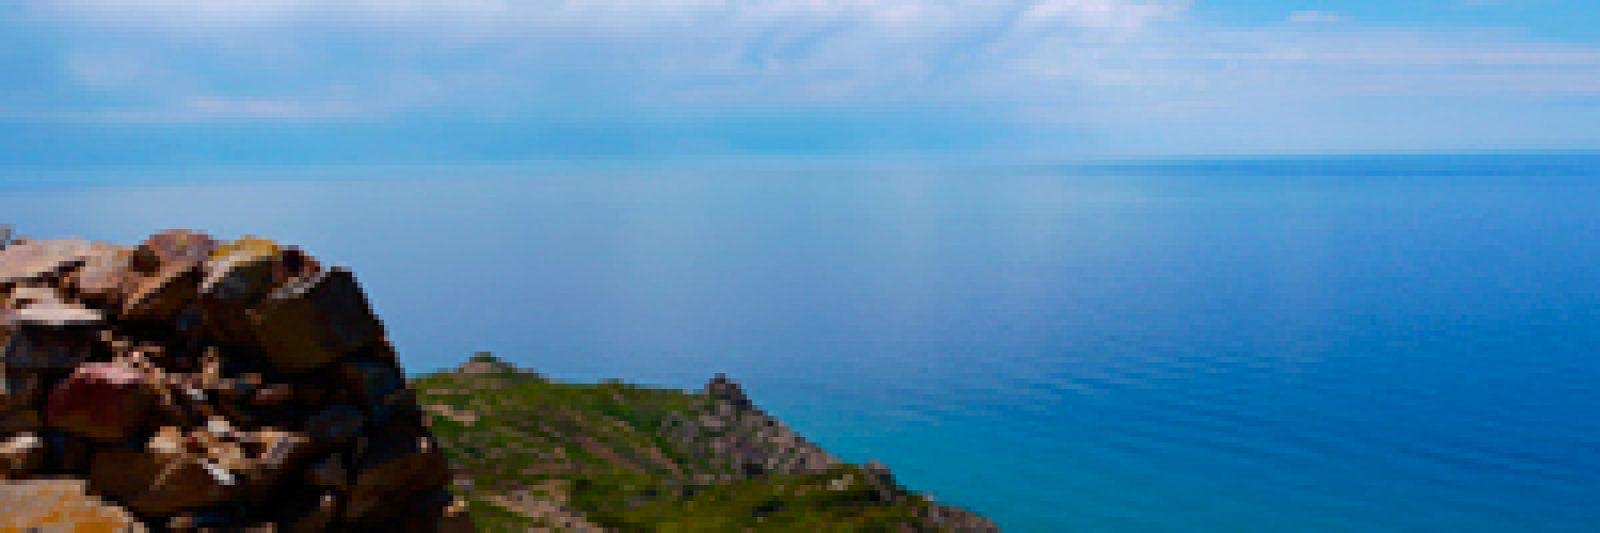 trekking-pedra-rubia-iglesiente